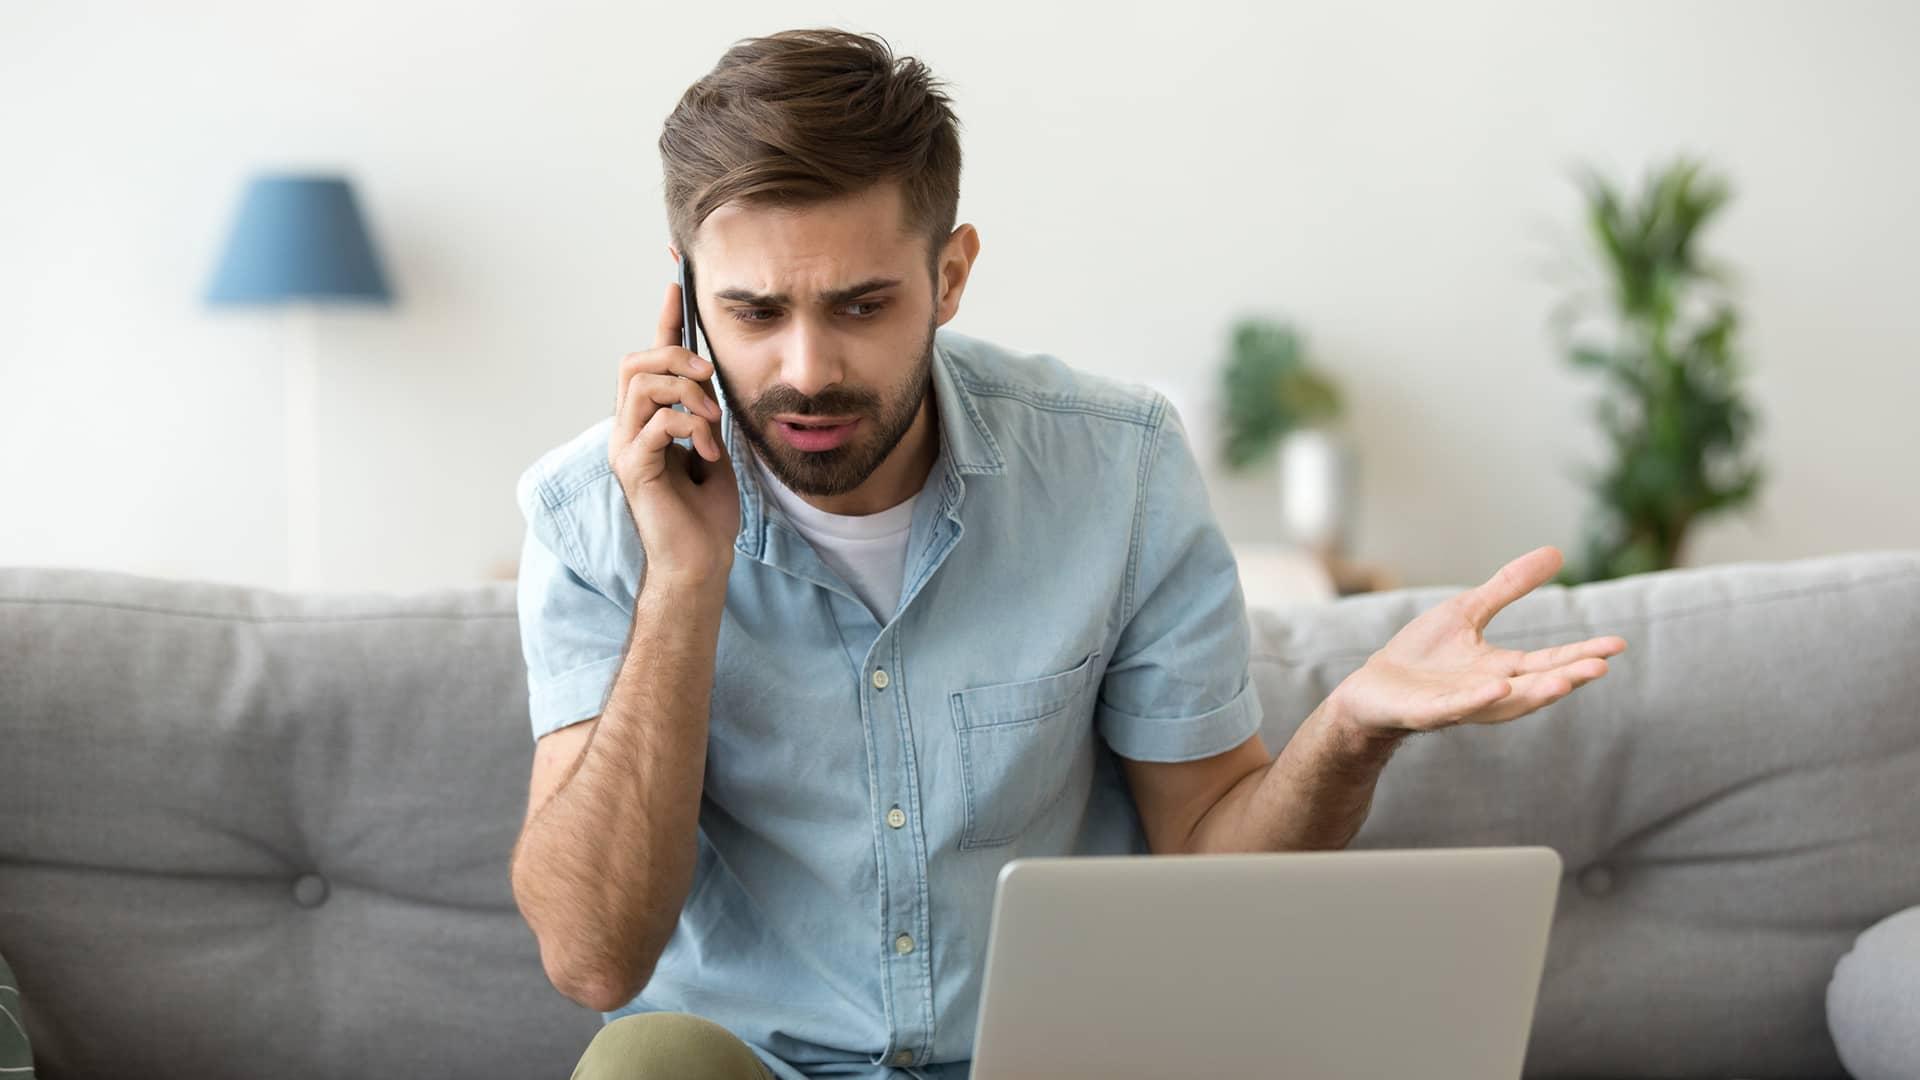 Reclamaciones en Vodafone por factura: paso a paso